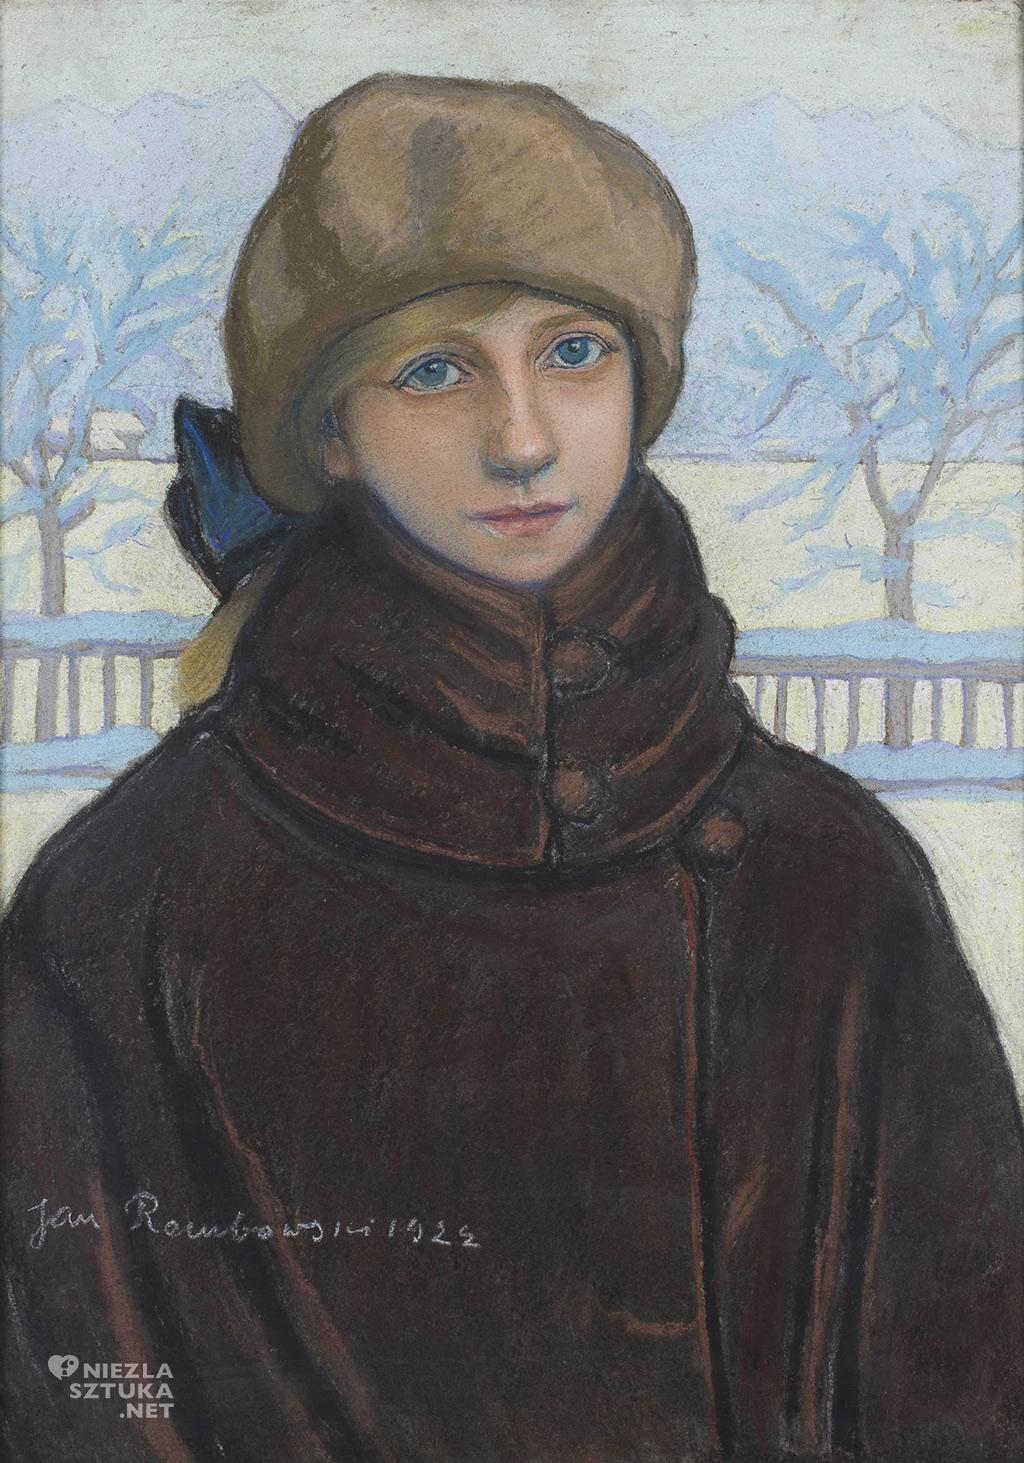 Jan Rembowski Portret Kazimiery Nehring w zimowym pejzażu